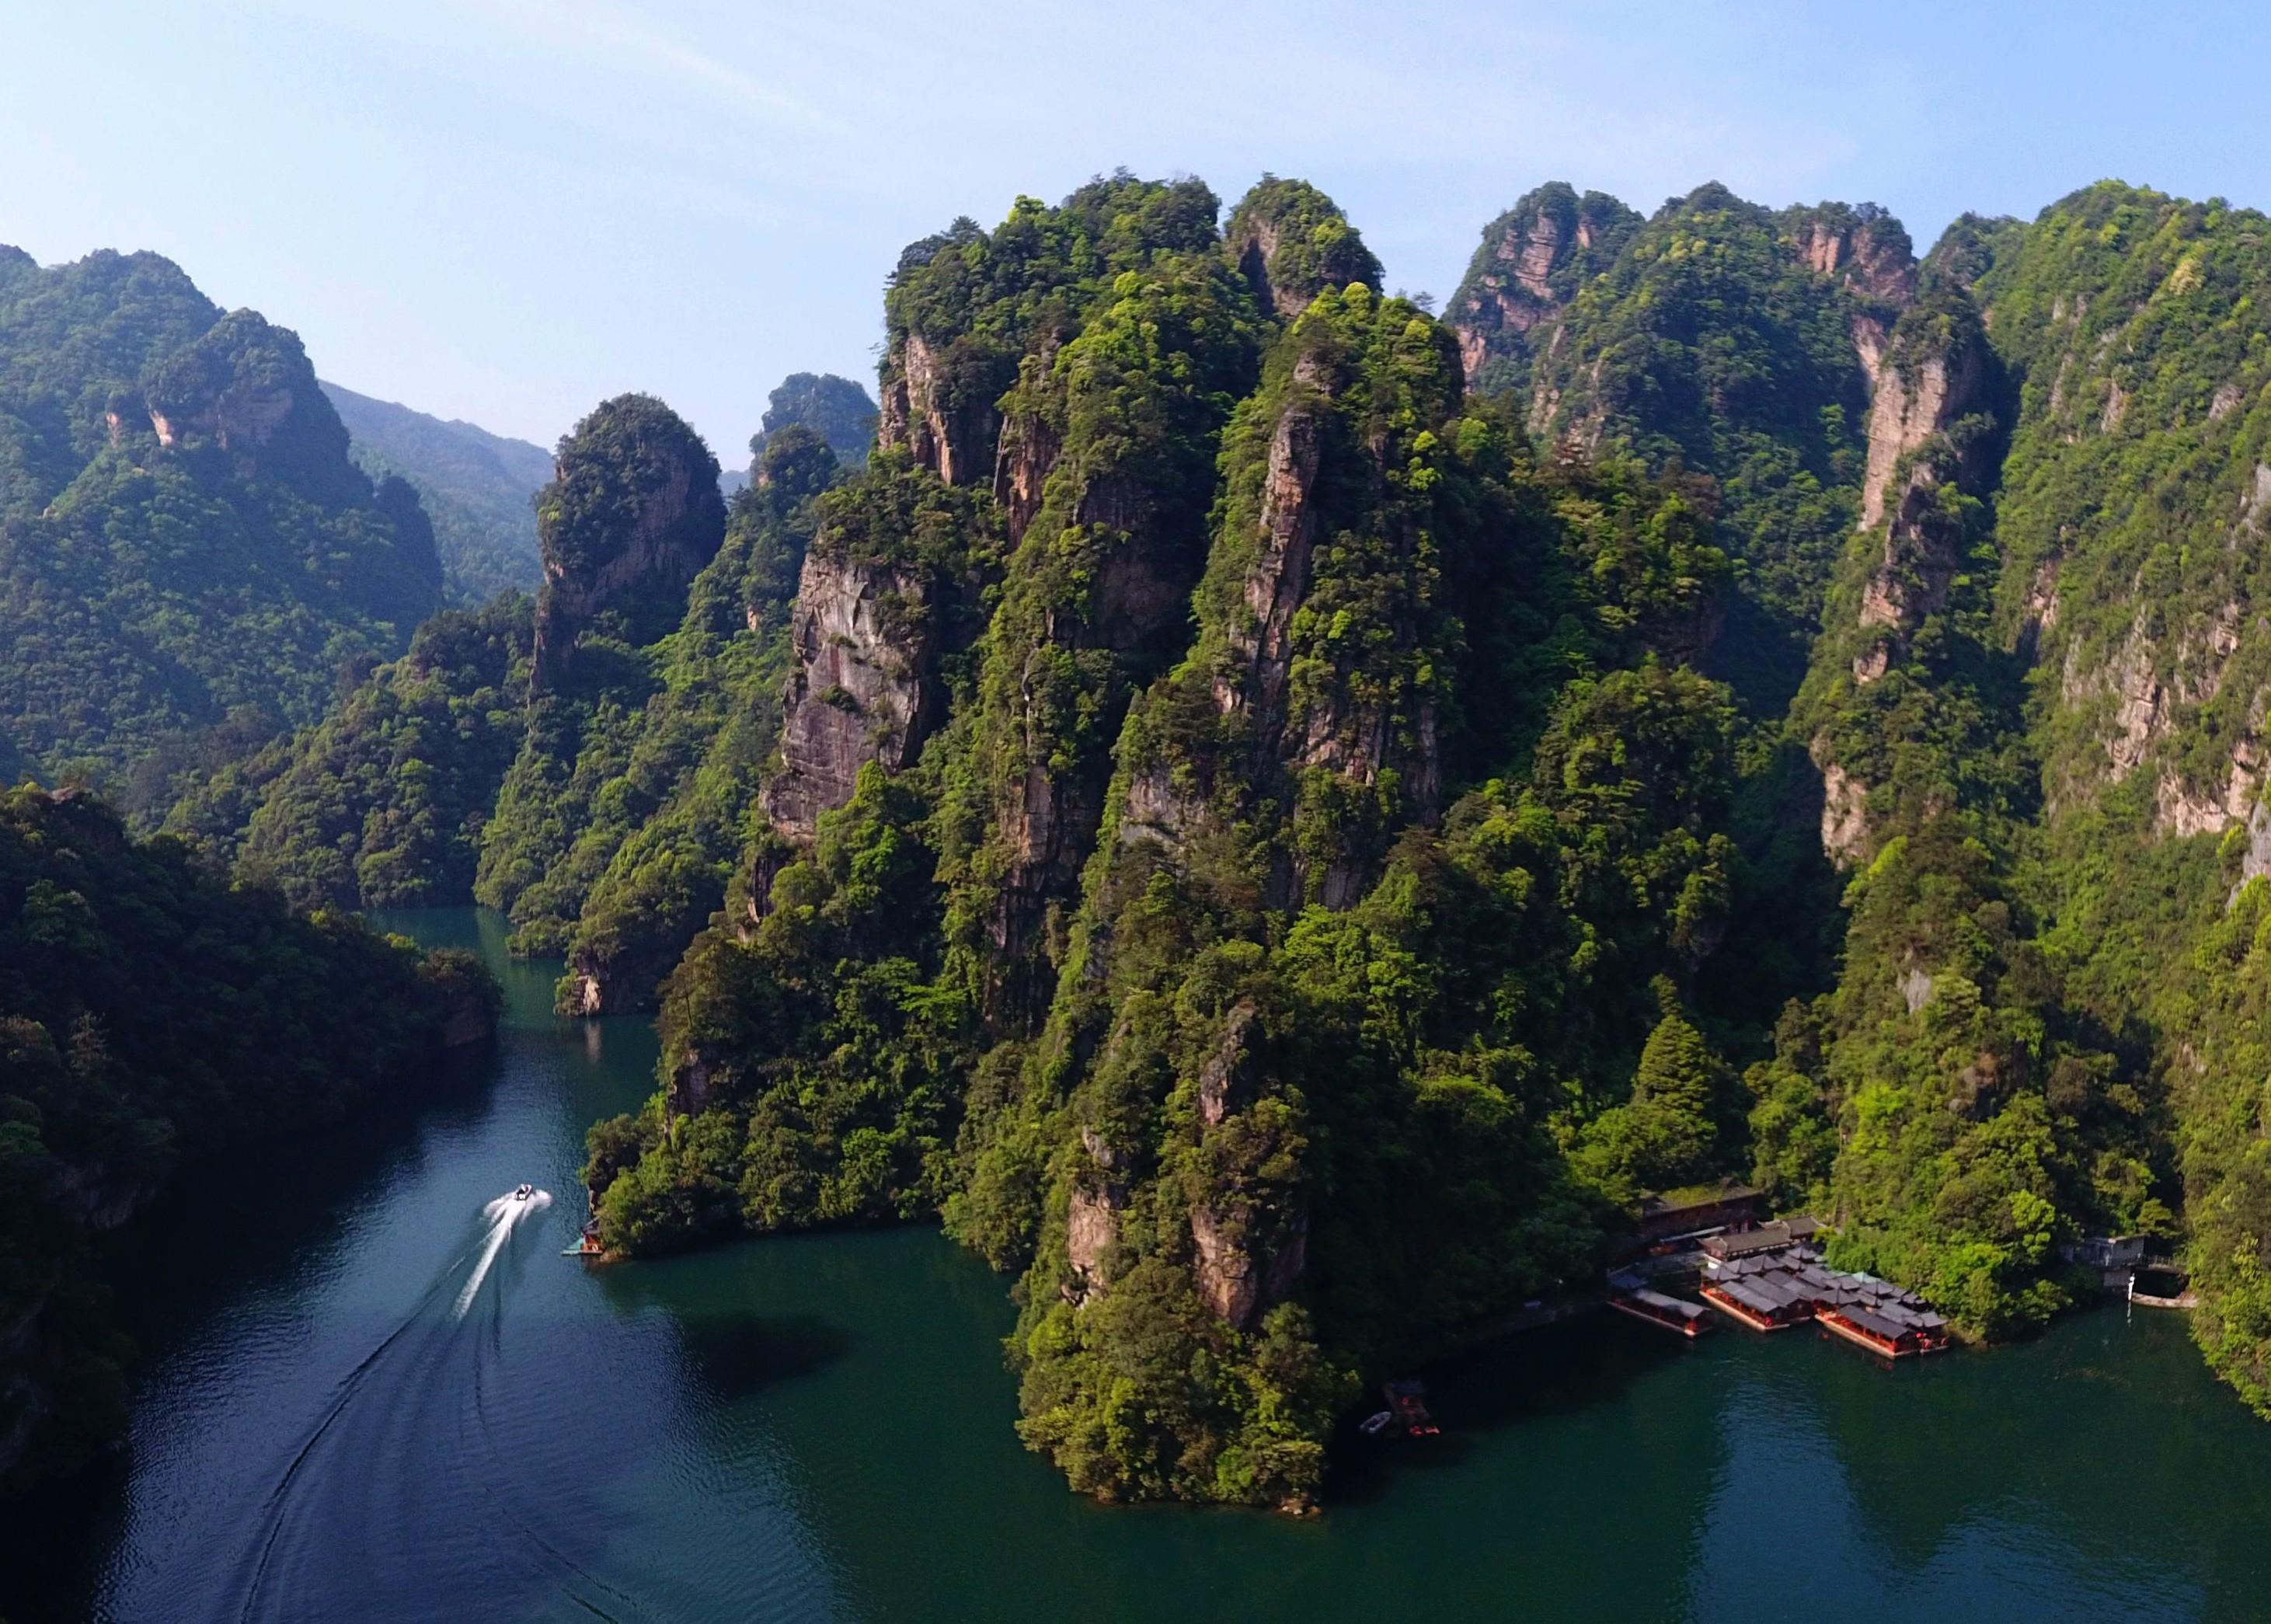 水上张家界,醉美宝峰湖 本月22日,武陵源两大体育赛事精彩上演